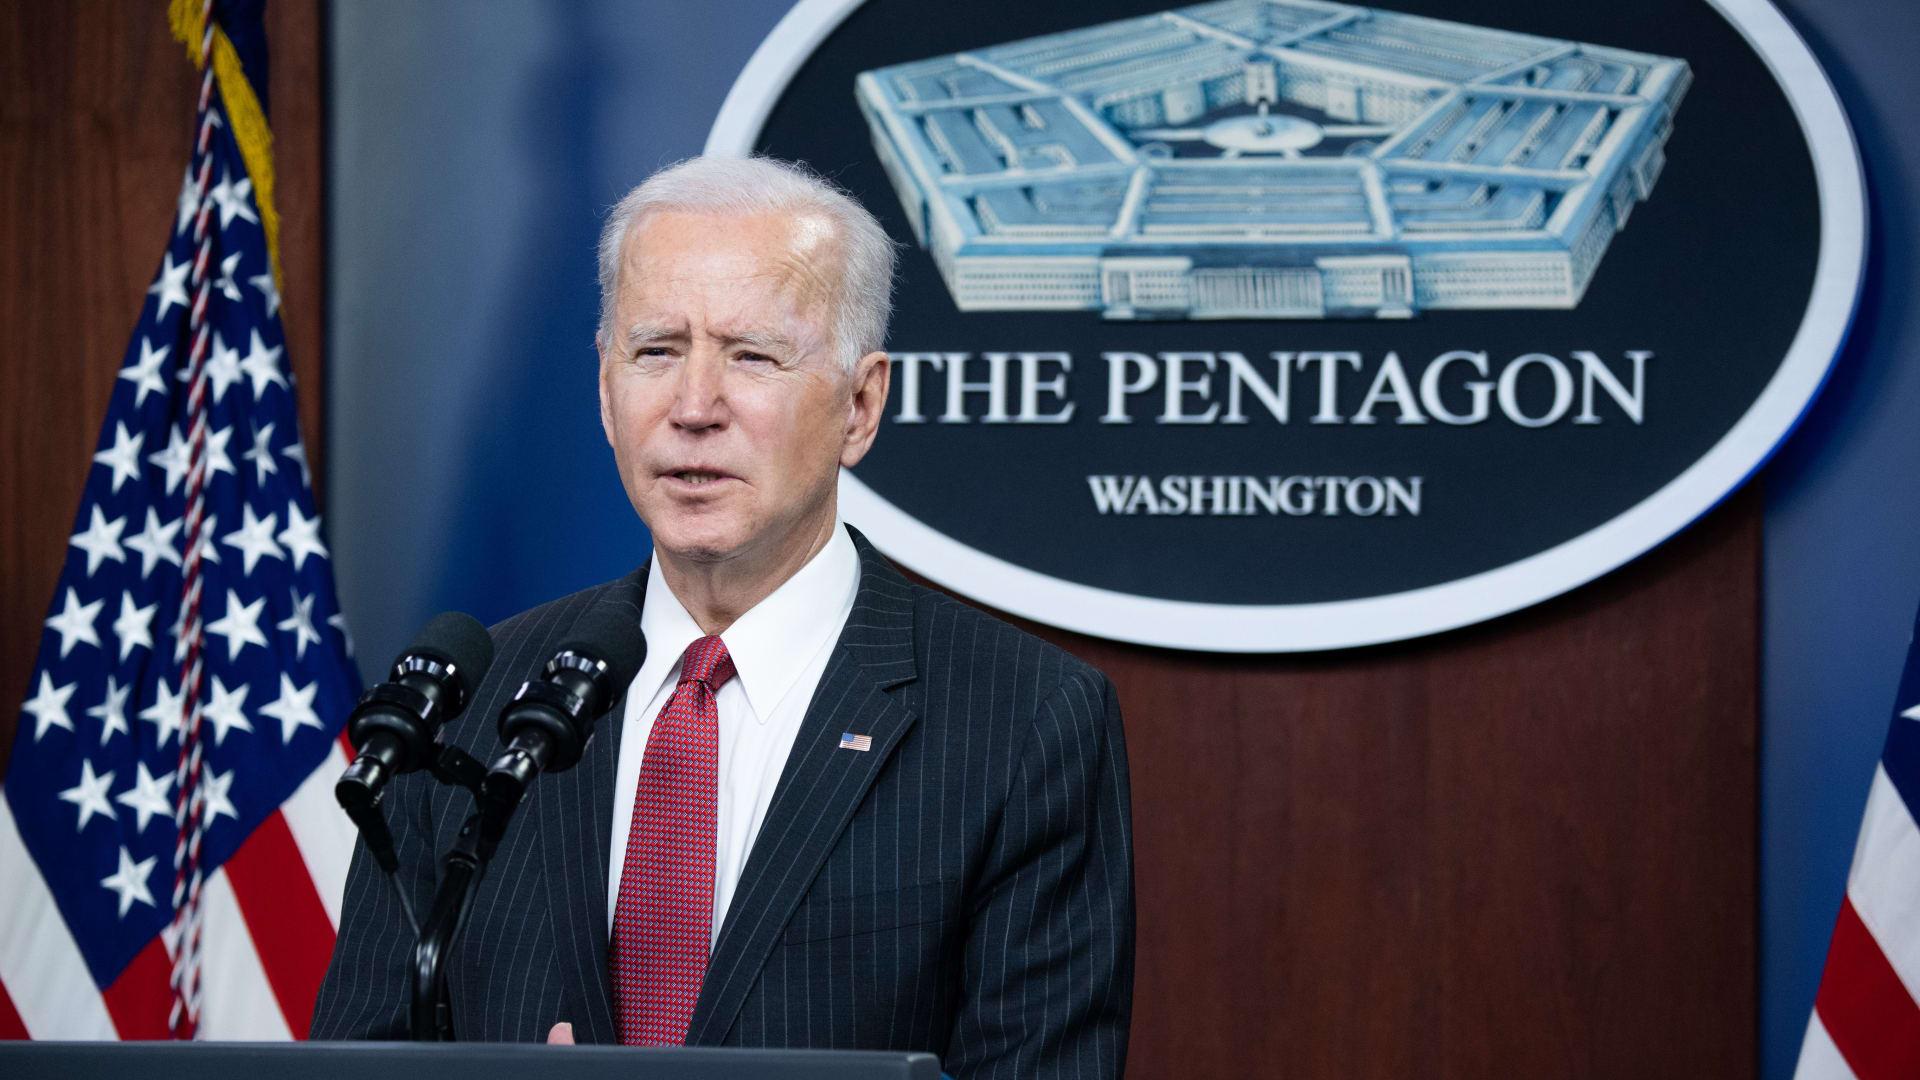 الرئيس الأمريكي يستهل تصريحاته في البنتاغون بالتعليق على إطلاق سراح لجين الهذلول